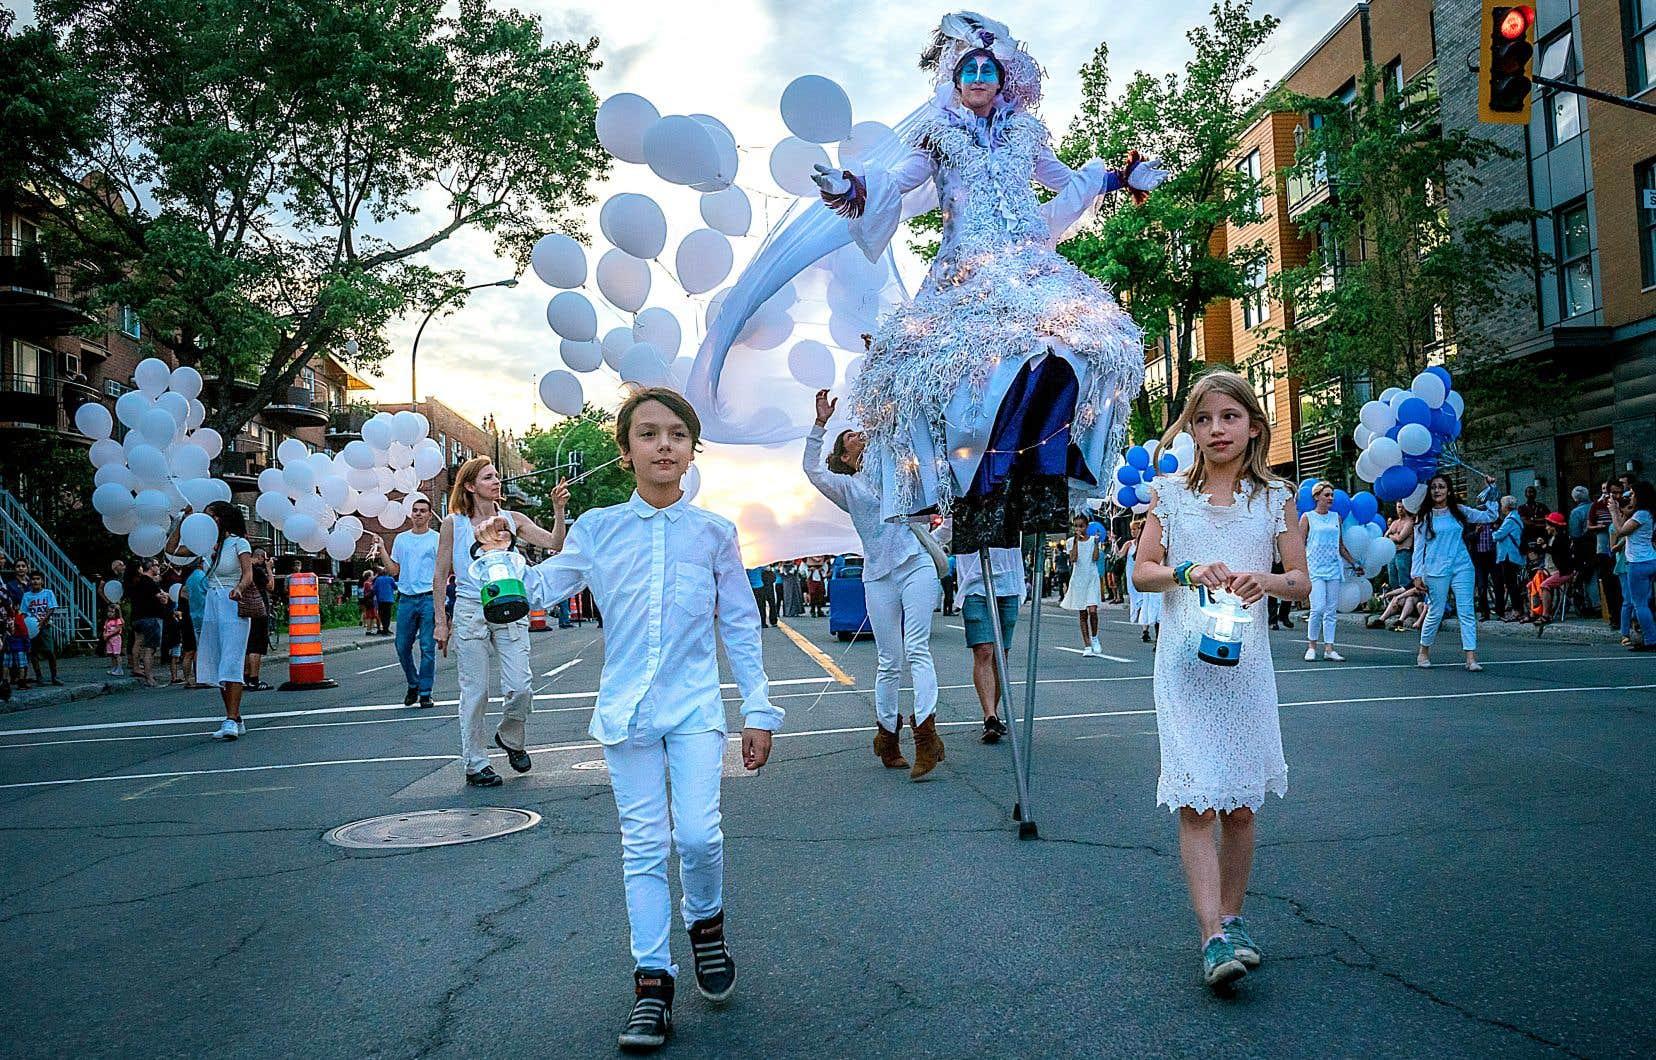 Les célébrations de la Fête nationale et de la Fête du Canada devront être plus modestes en 2020 à Montréal.